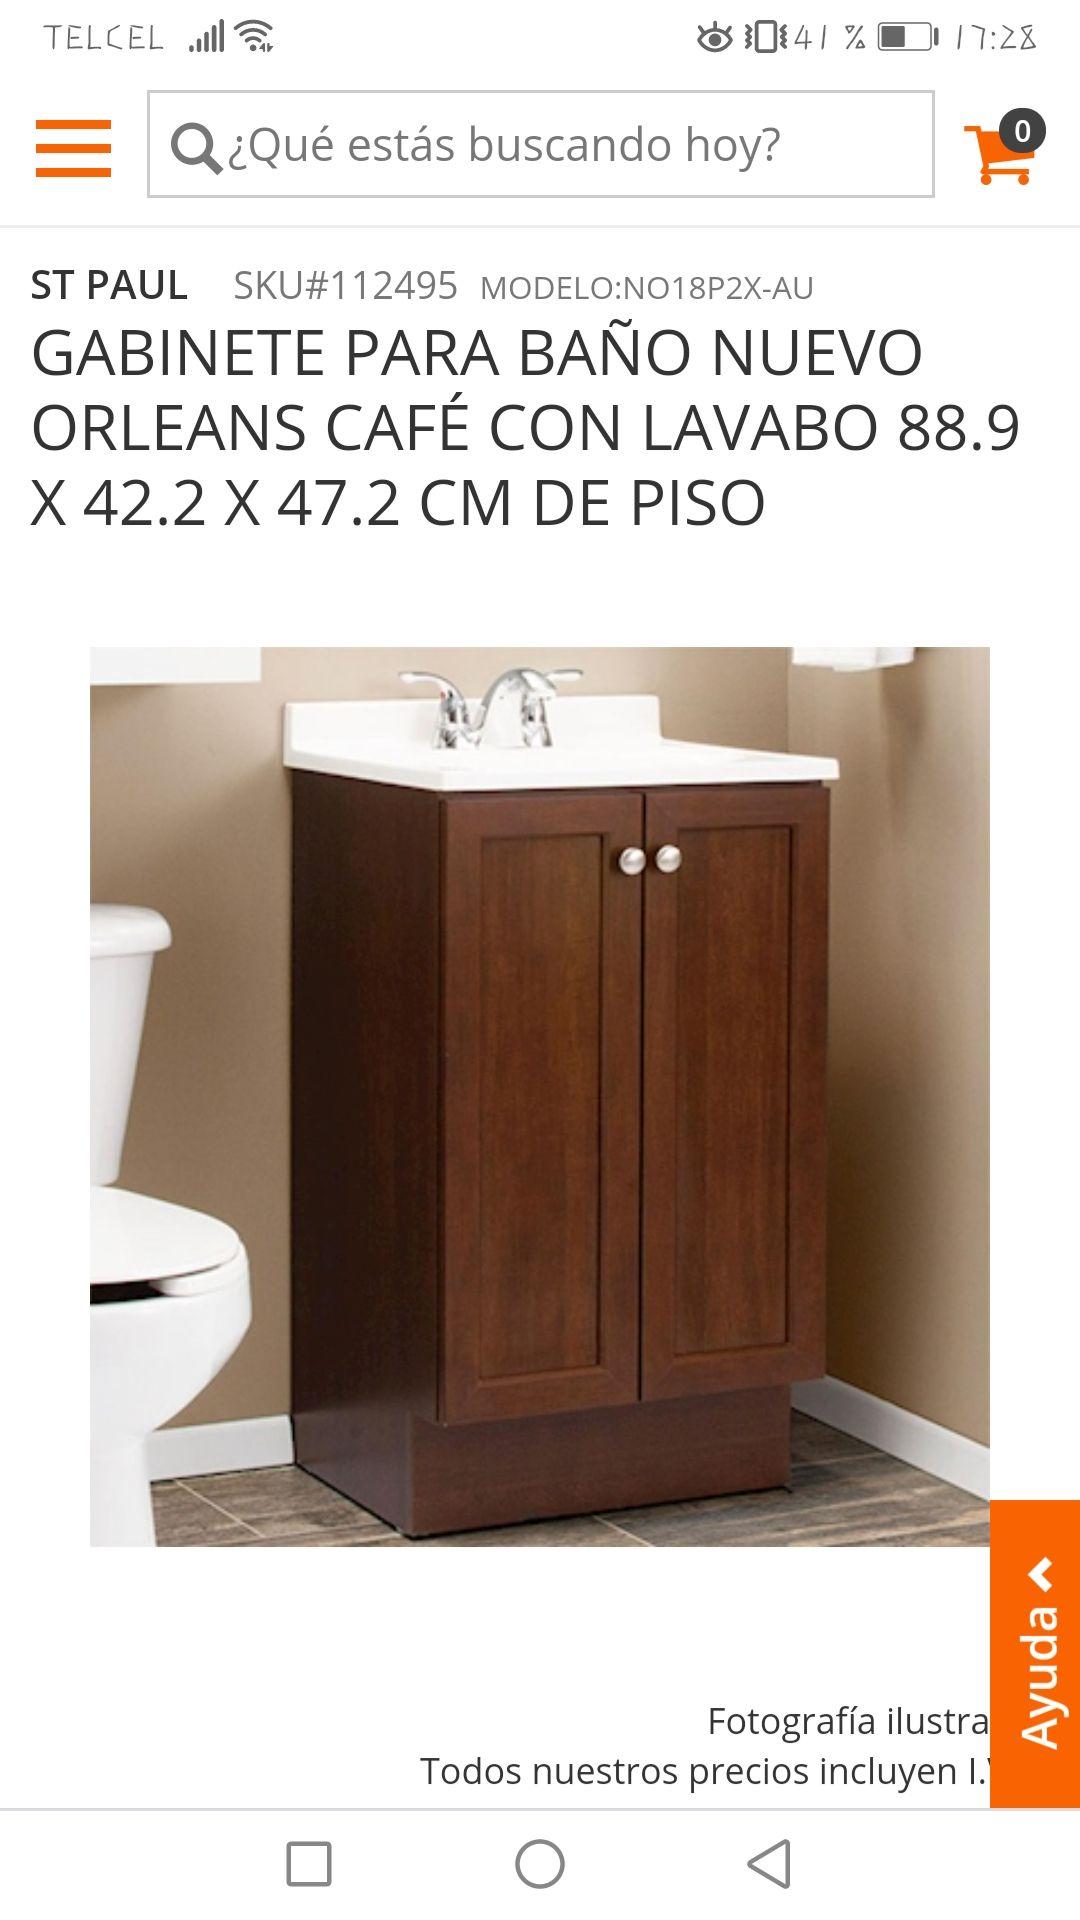 Home Depot: Gabinete para baño